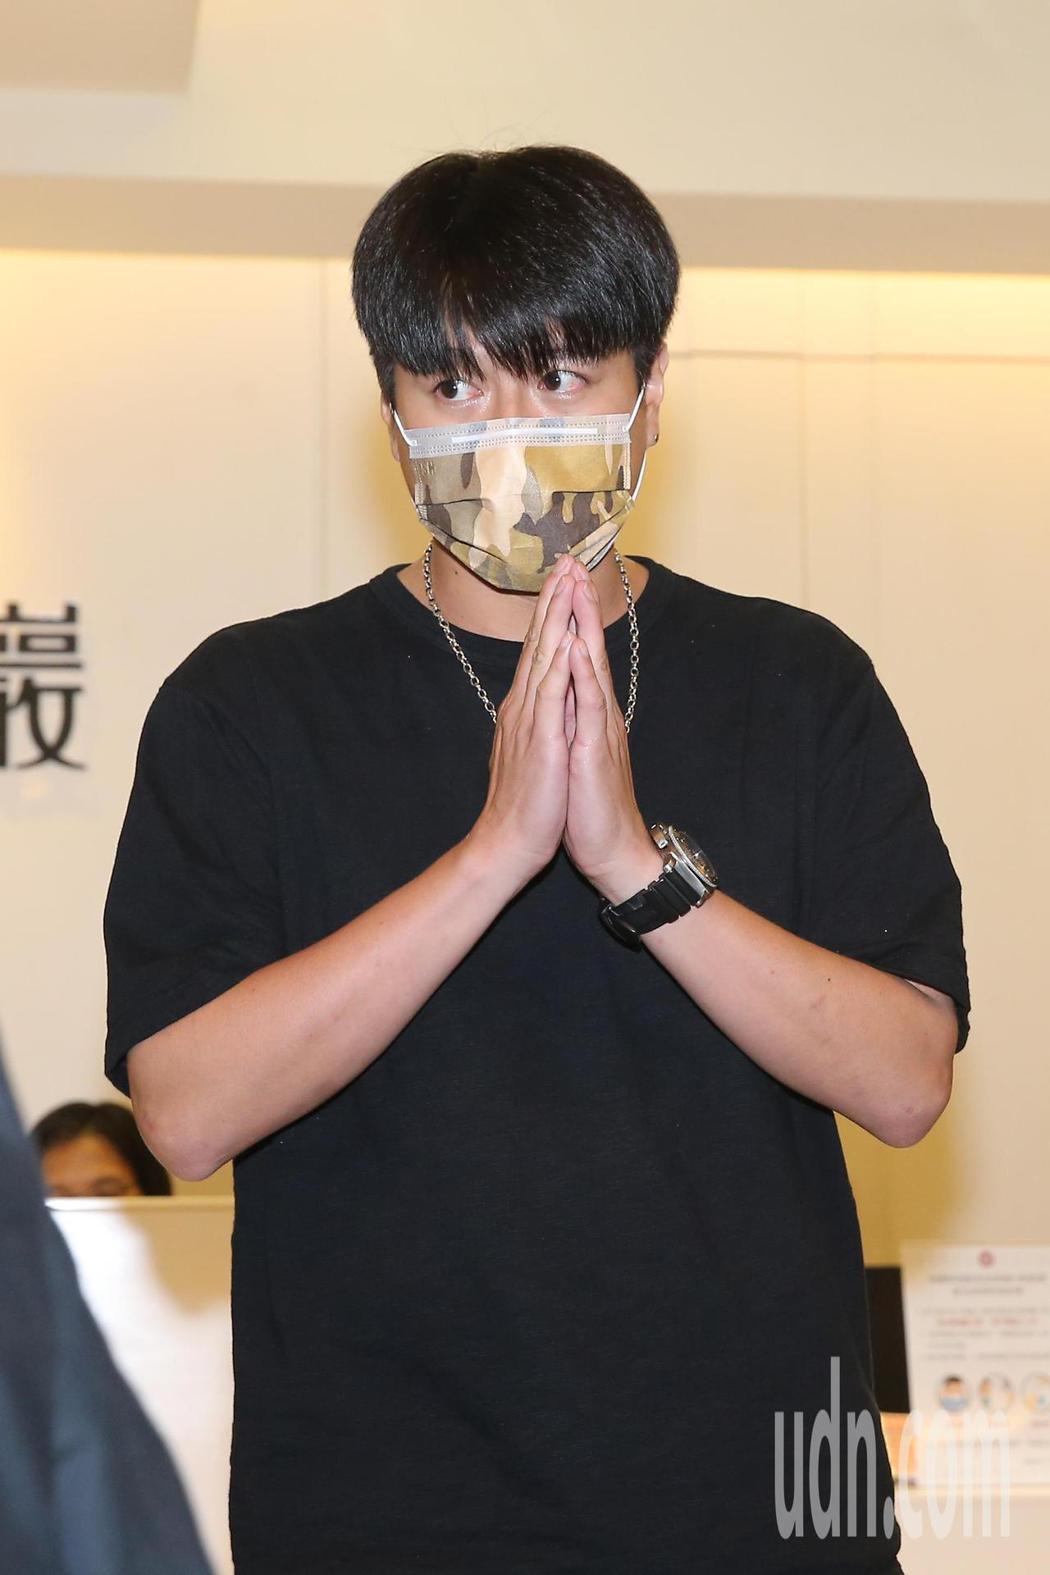 小鬼黃鴻升靈堂開放第二日,藝人李易(圖)抵達弔唁並於晚上六點多離開。記者季相儒/...